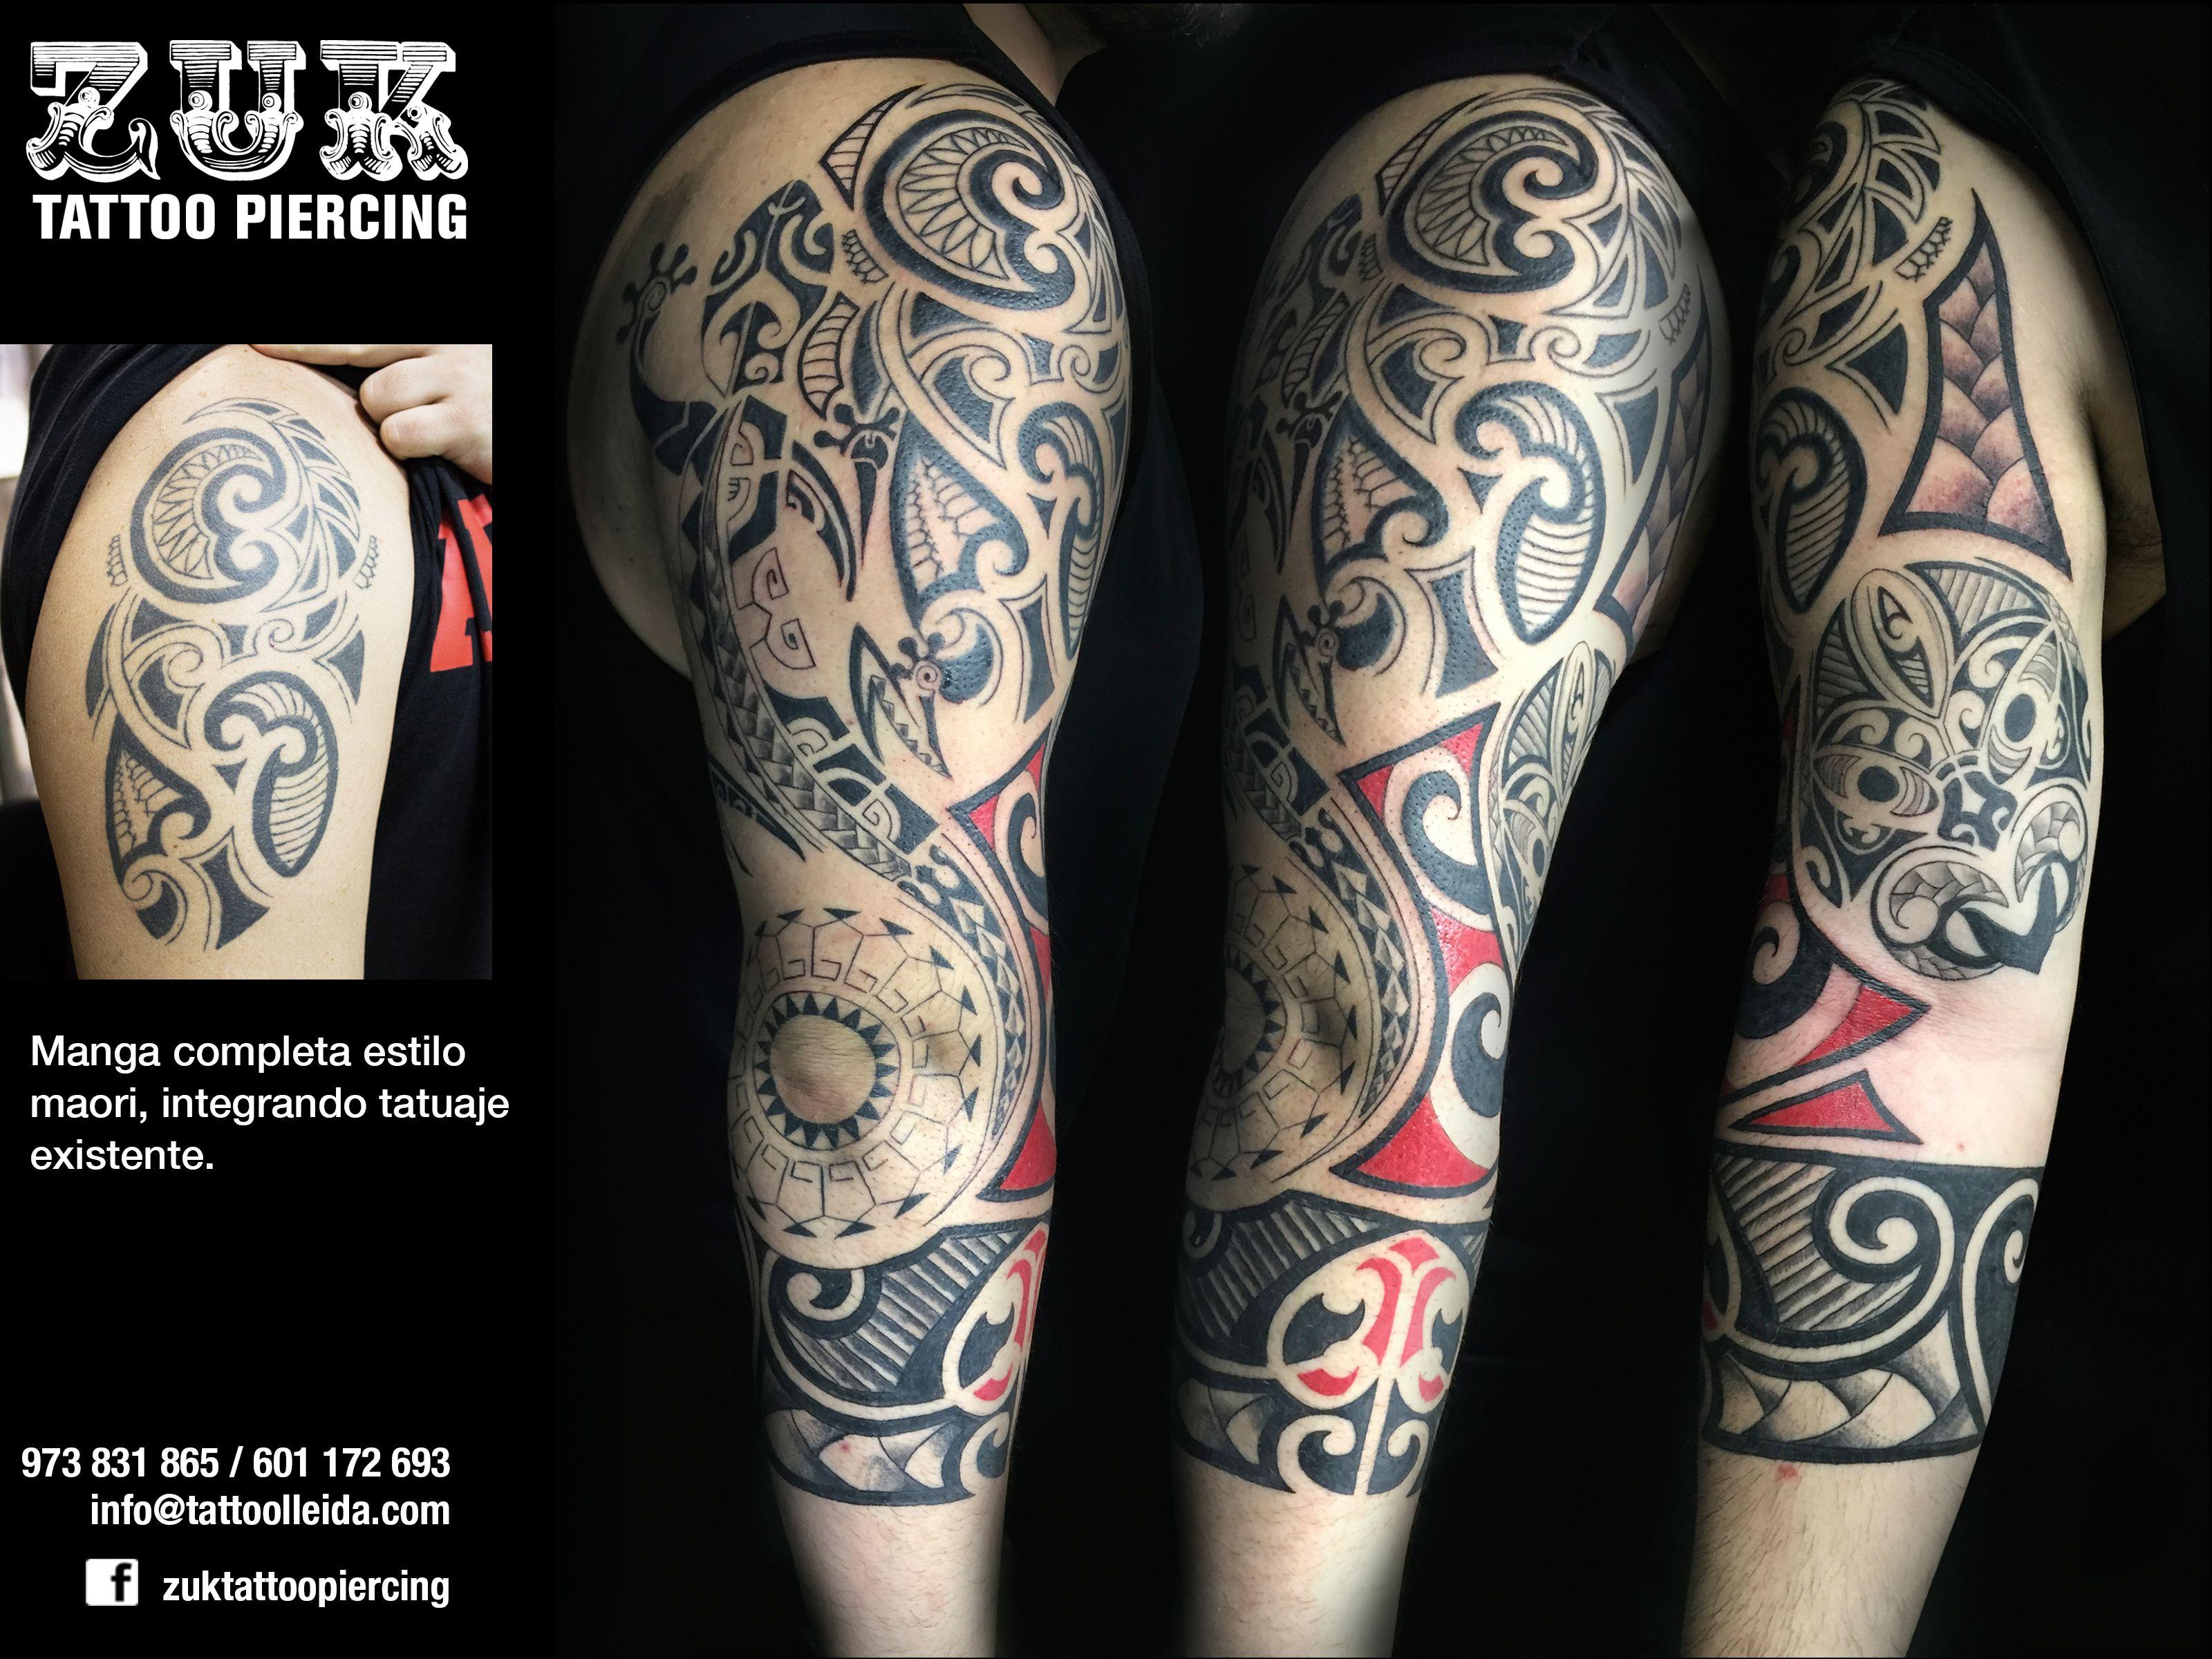 Manga completa estilo maori integrando tatuaje existente De Sihle